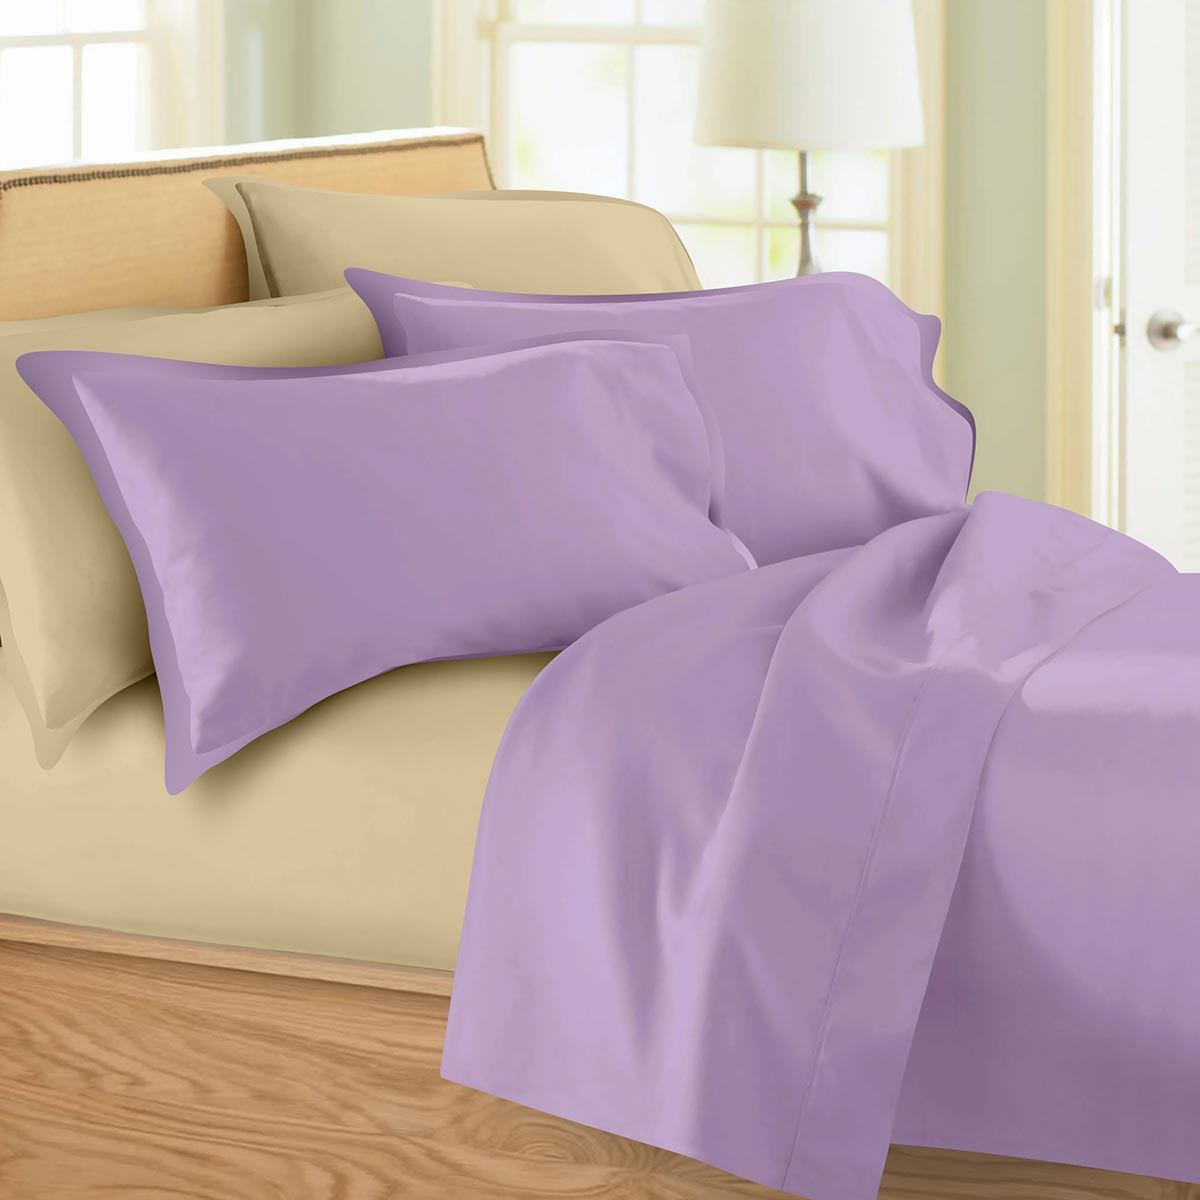 Σεντόνια Υπέρδιπλα (Σετ) Maison Blanche 62002 Lilac/Beige